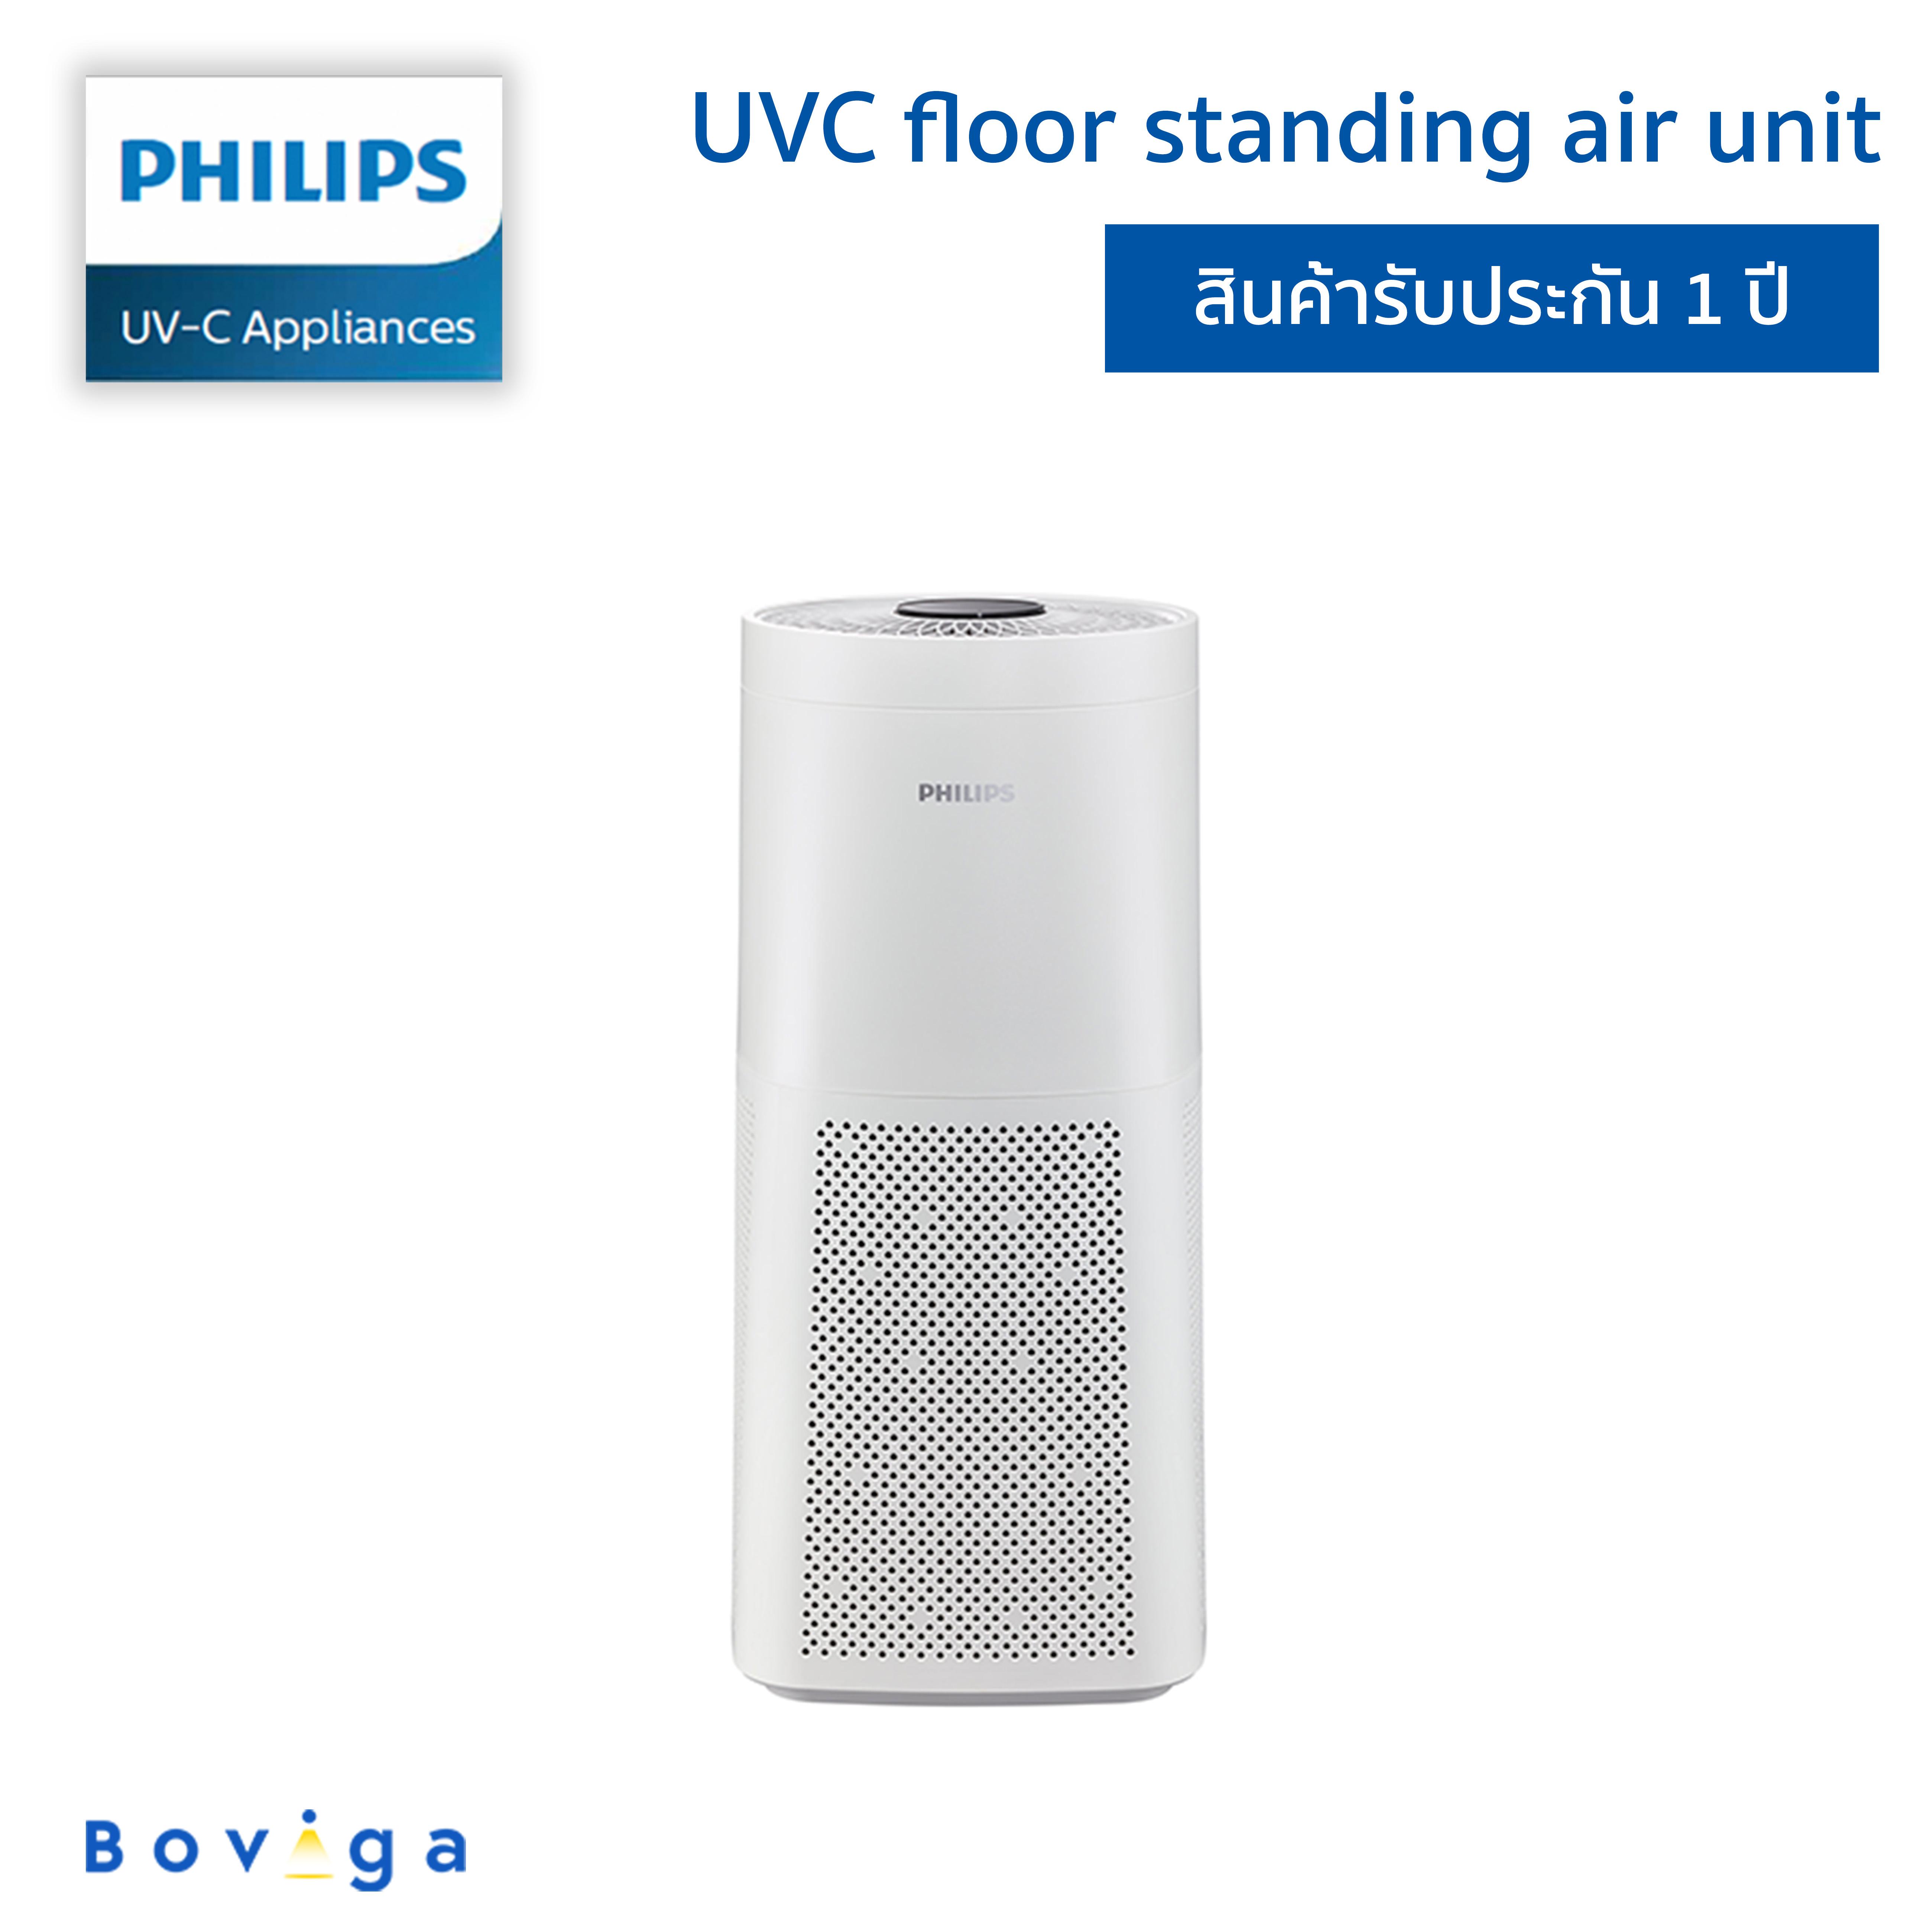 ฟิลิปส์ UVC เครื่องฆ่าเชื้อโรคในอากาศแบบตั้งพื้น | UVC Disinfection Floor Standing Air Unit